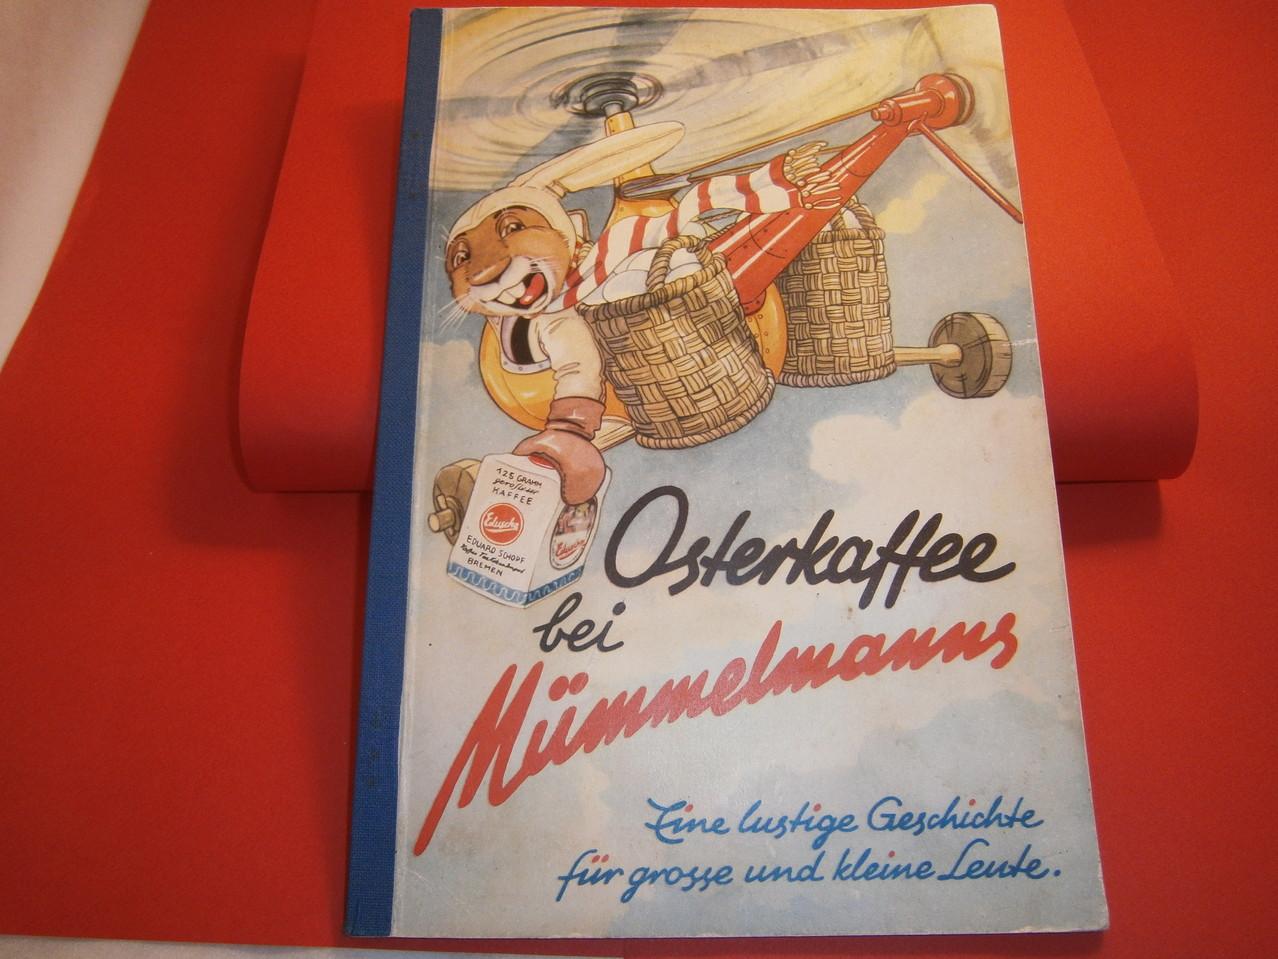 Eduscho Osterkaffee bei Mümmelmanns 1960